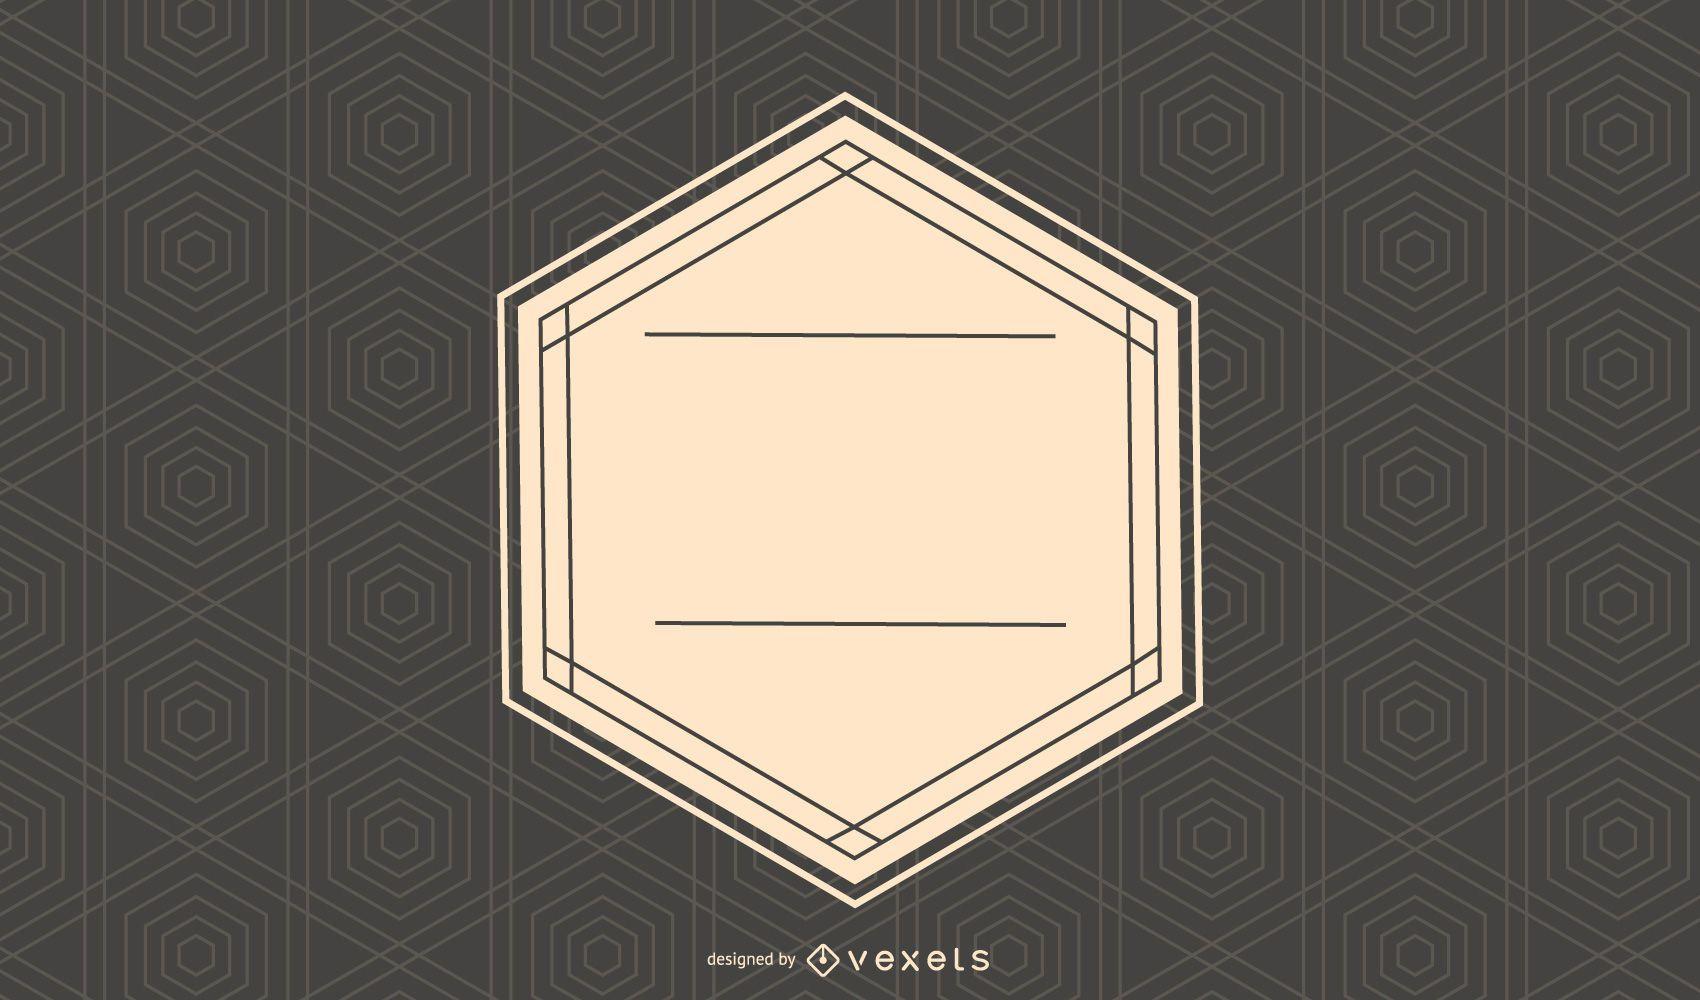 Retro Label on Hexagonal Texture